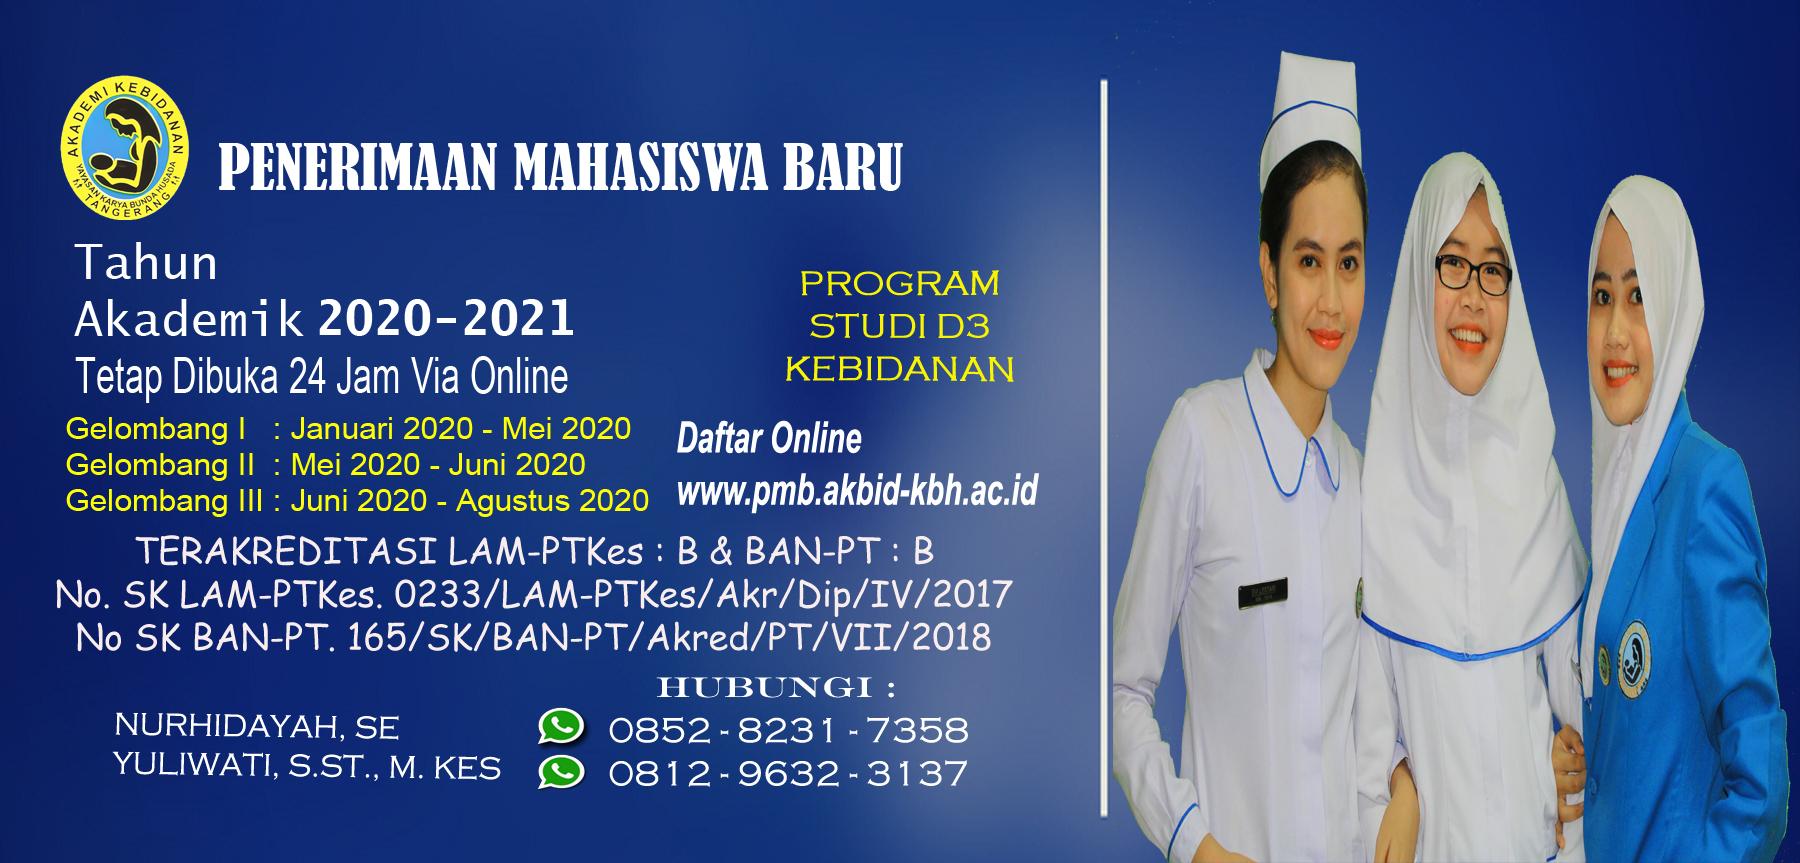 APenerimaan Mahasiswa Baru Tahun Akademik 2020/2021 Tetap Dibuka 24 Jam Via Online